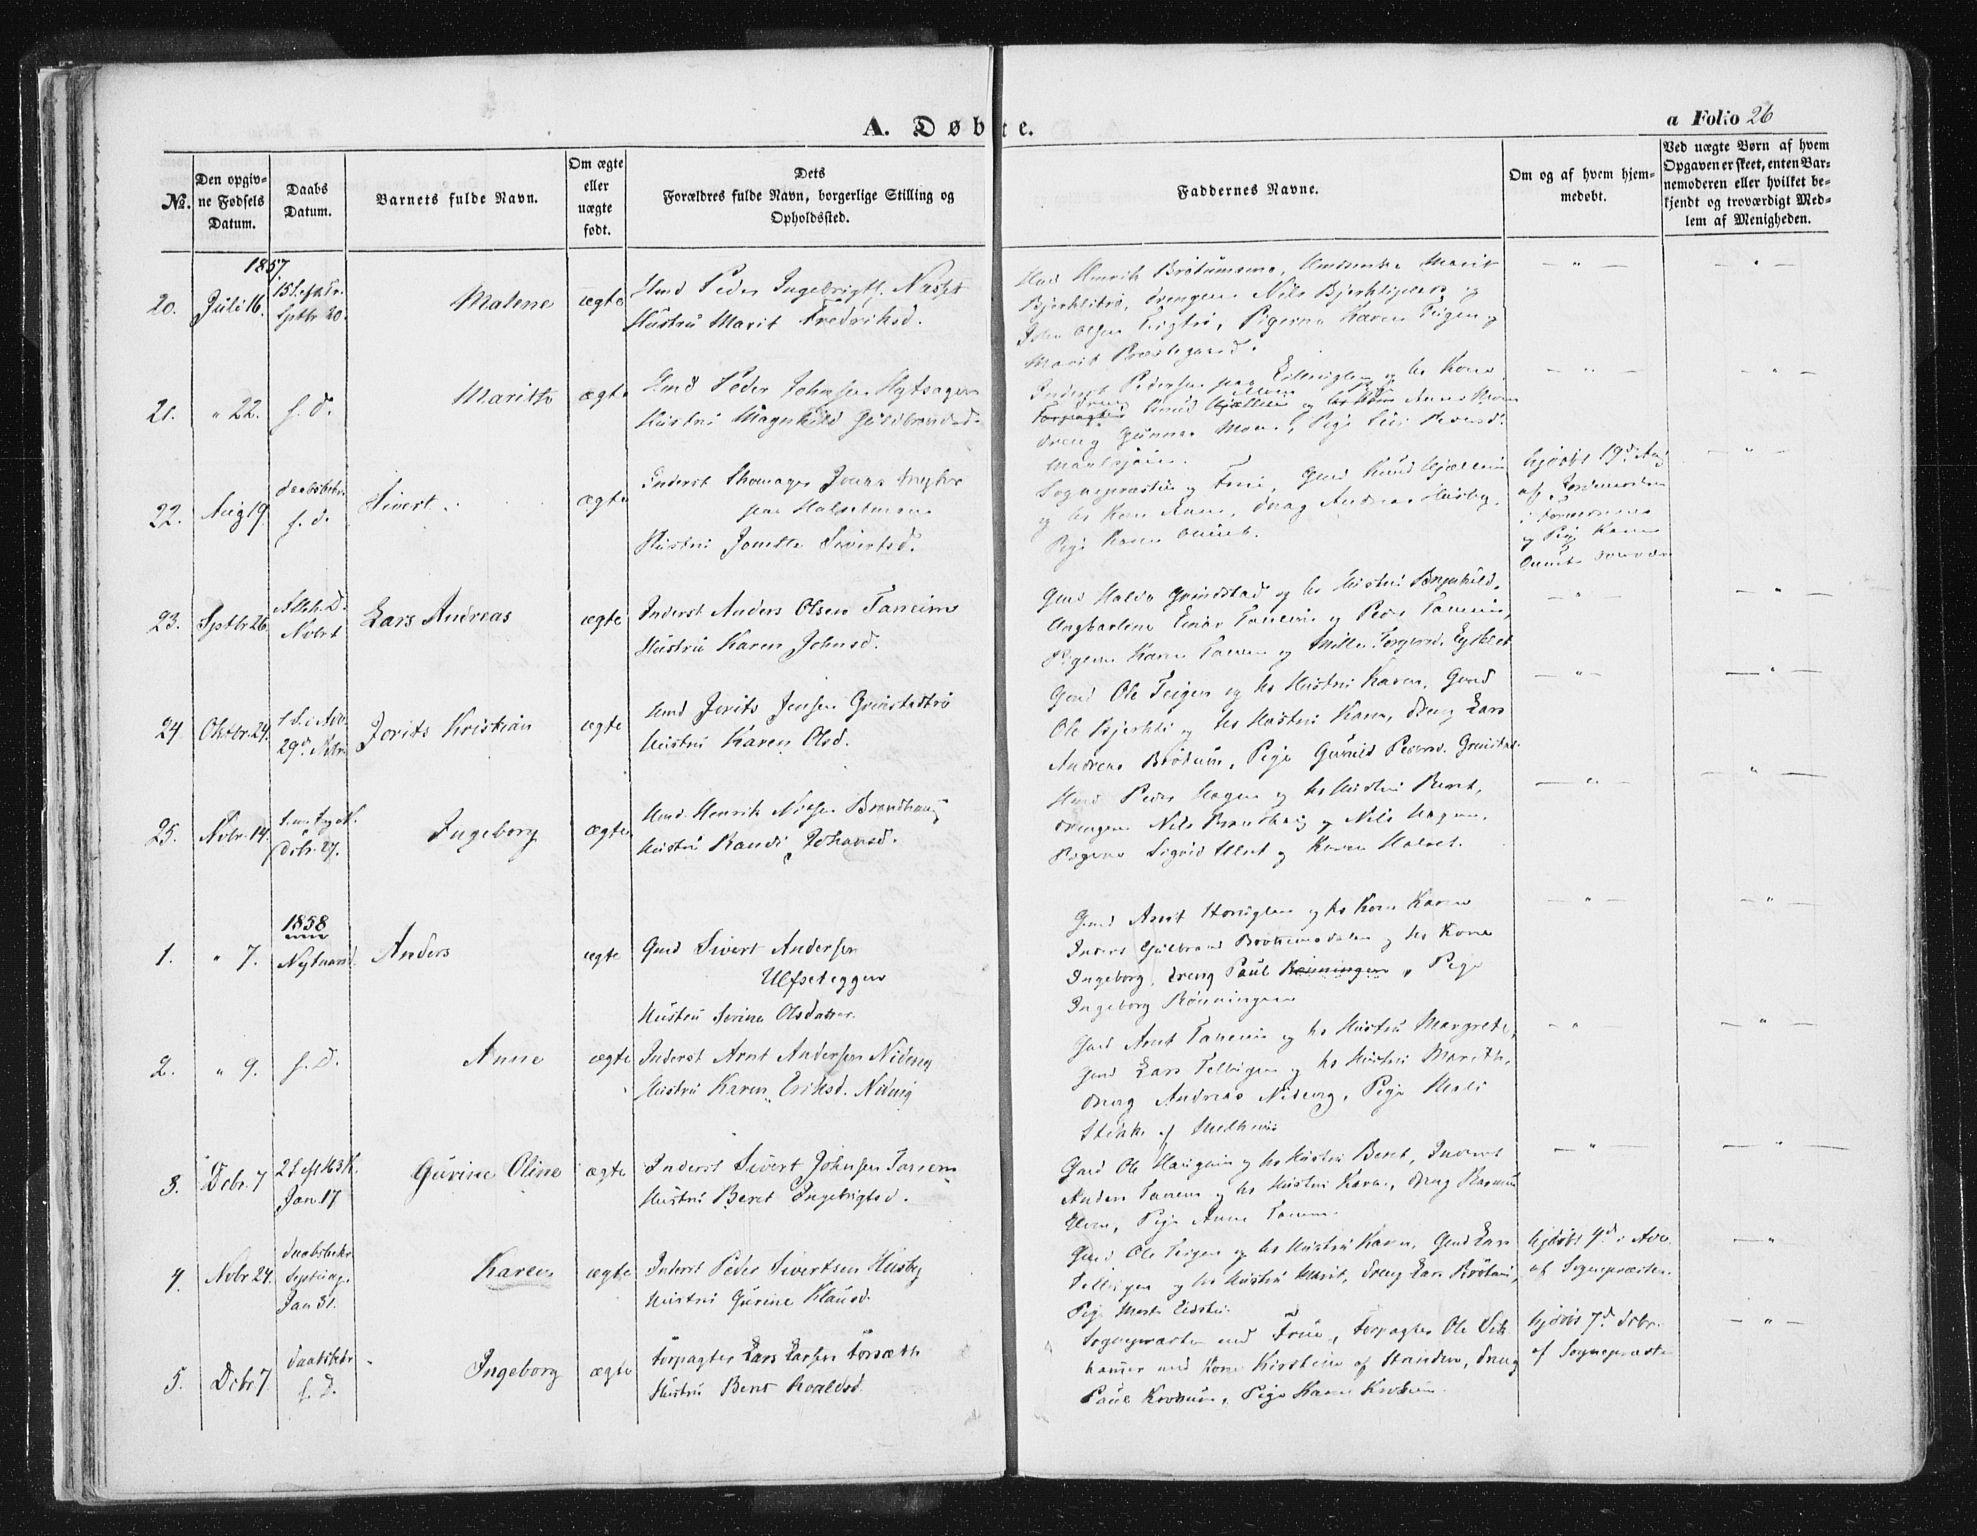 SAT, Ministerialprotokoller, klokkerbøker og fødselsregistre - Sør-Trøndelag, 618/L0441: Ministerialbok nr. 618A05, 1843-1862, s. 26